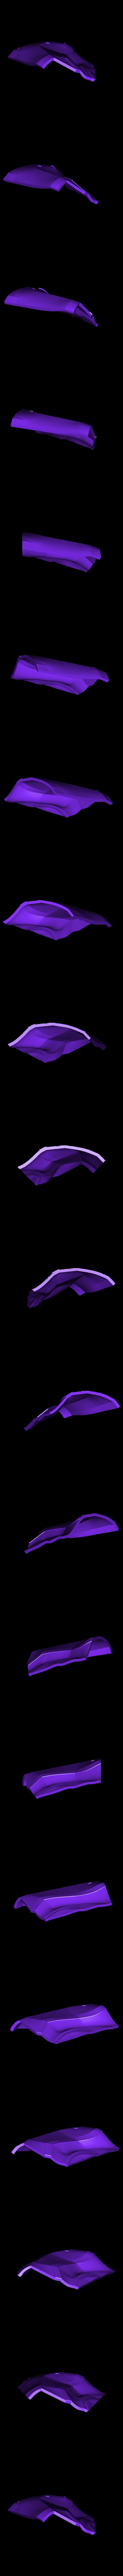 Part 9 v3.stl Download STL file Red Hood Helmet Injustice 2 • Model to 3D print, VillainousPropShop